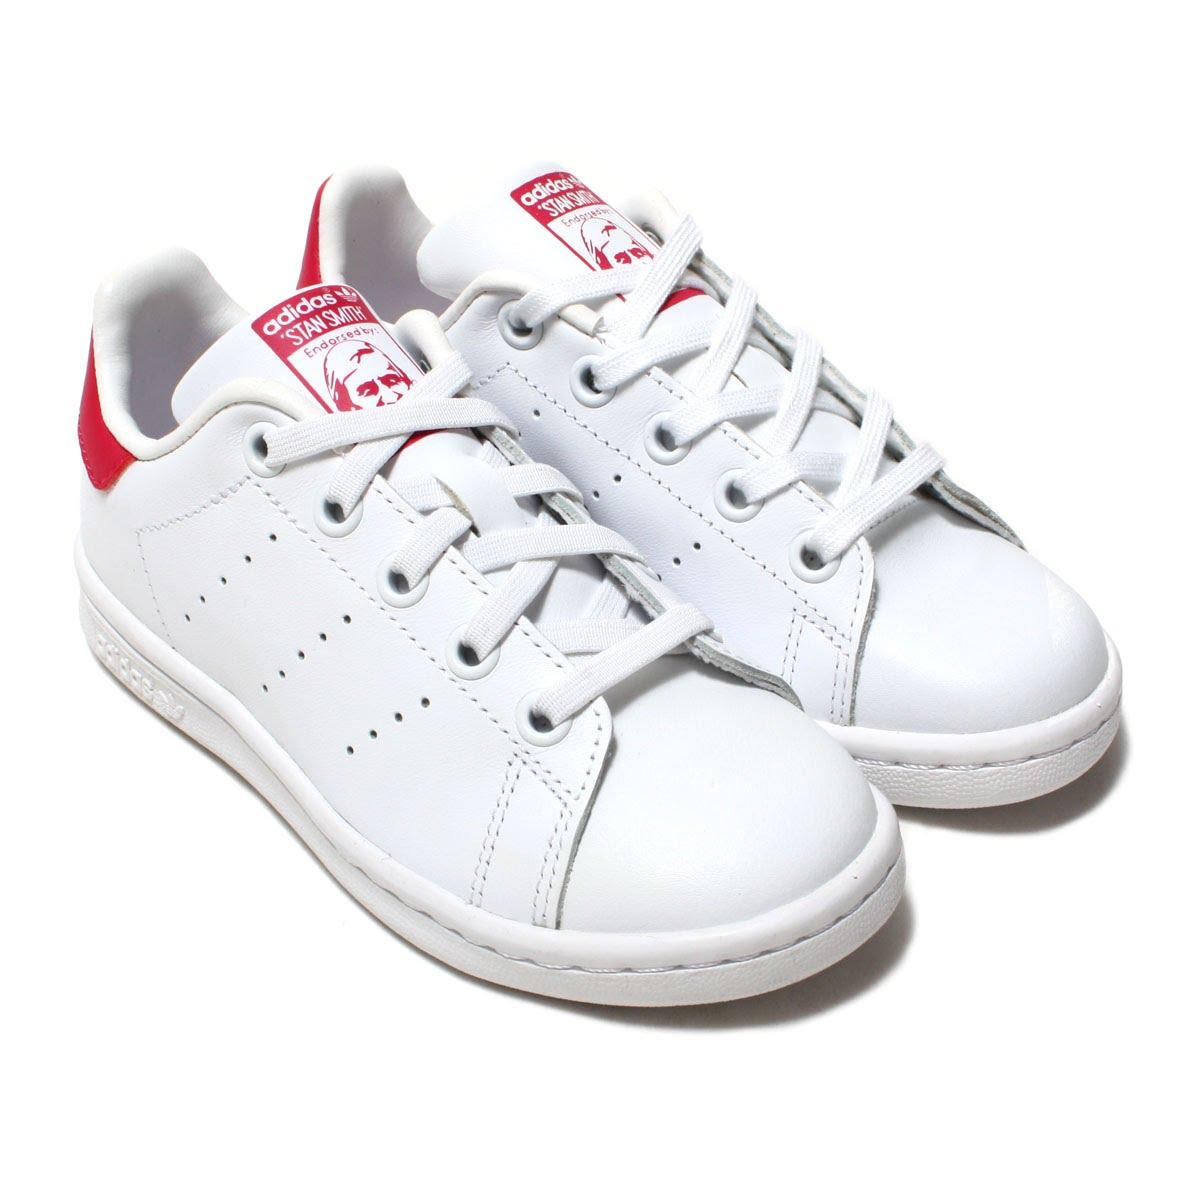 c3cd622eecb5e adidas Originals STAN SMITH EL C (adidas originals Stan Smith EL C) RUNNING  WHITE RUNNING WHITE BOLD PINK 16FW-I